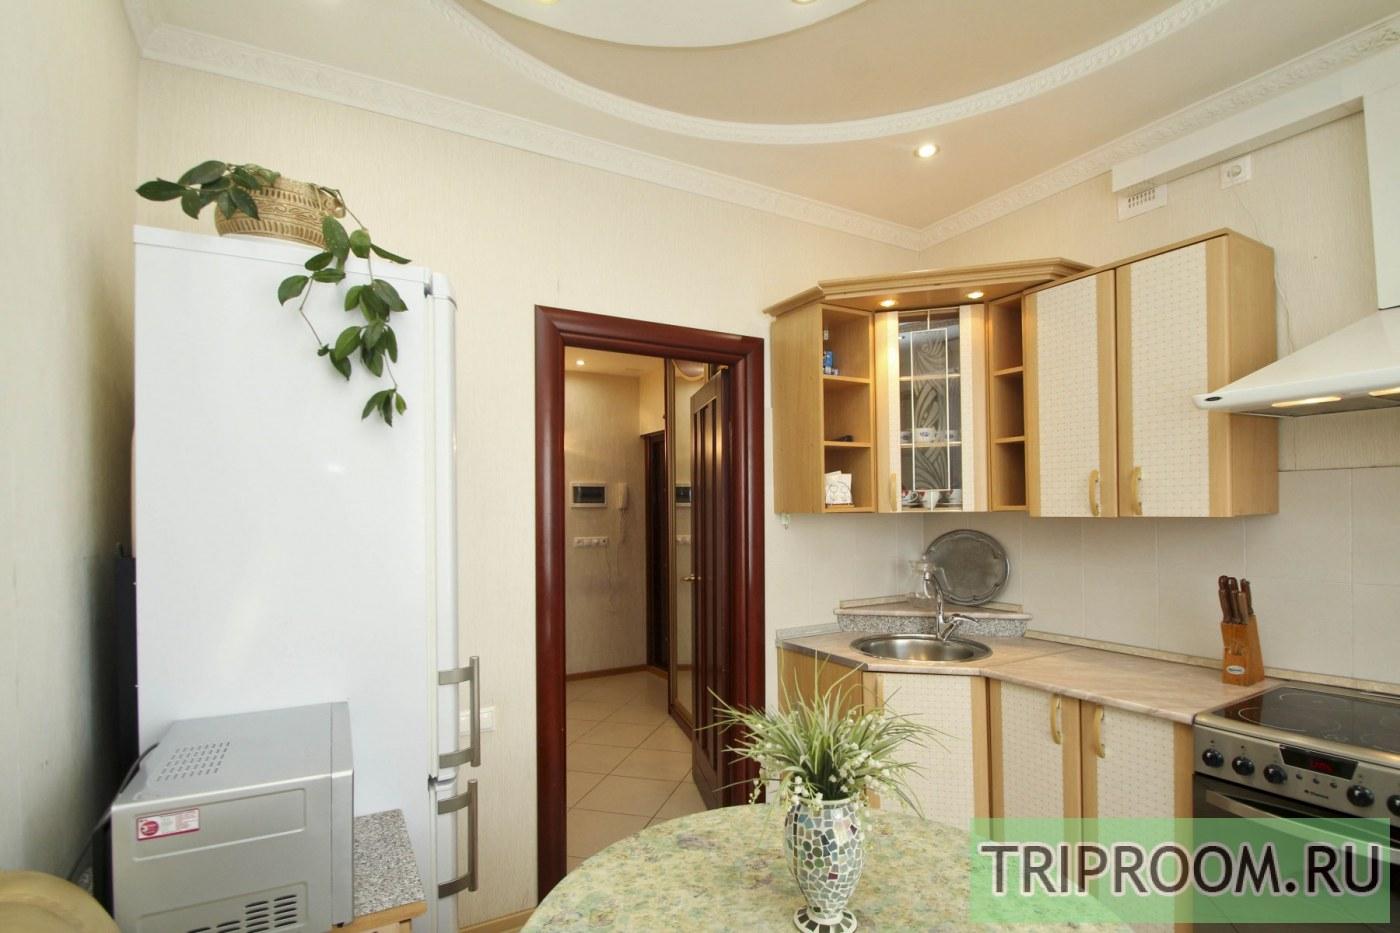 2-комнатная квартира посуточно (вариант № 37514), ул. Дзержинского улица, фото № 6